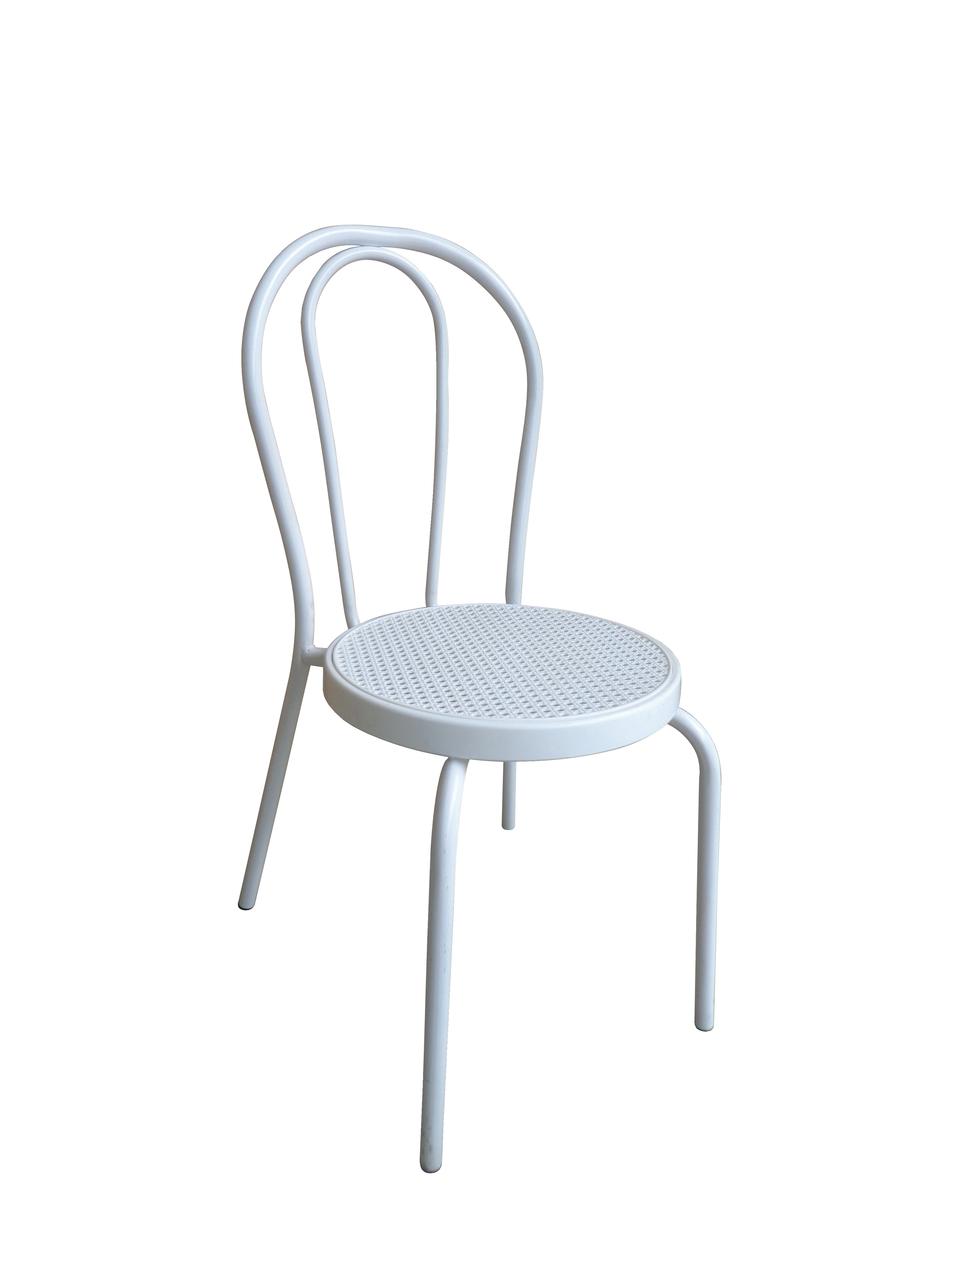 Redi sedia impilabile in metallo verniciato bianco con sefuta in